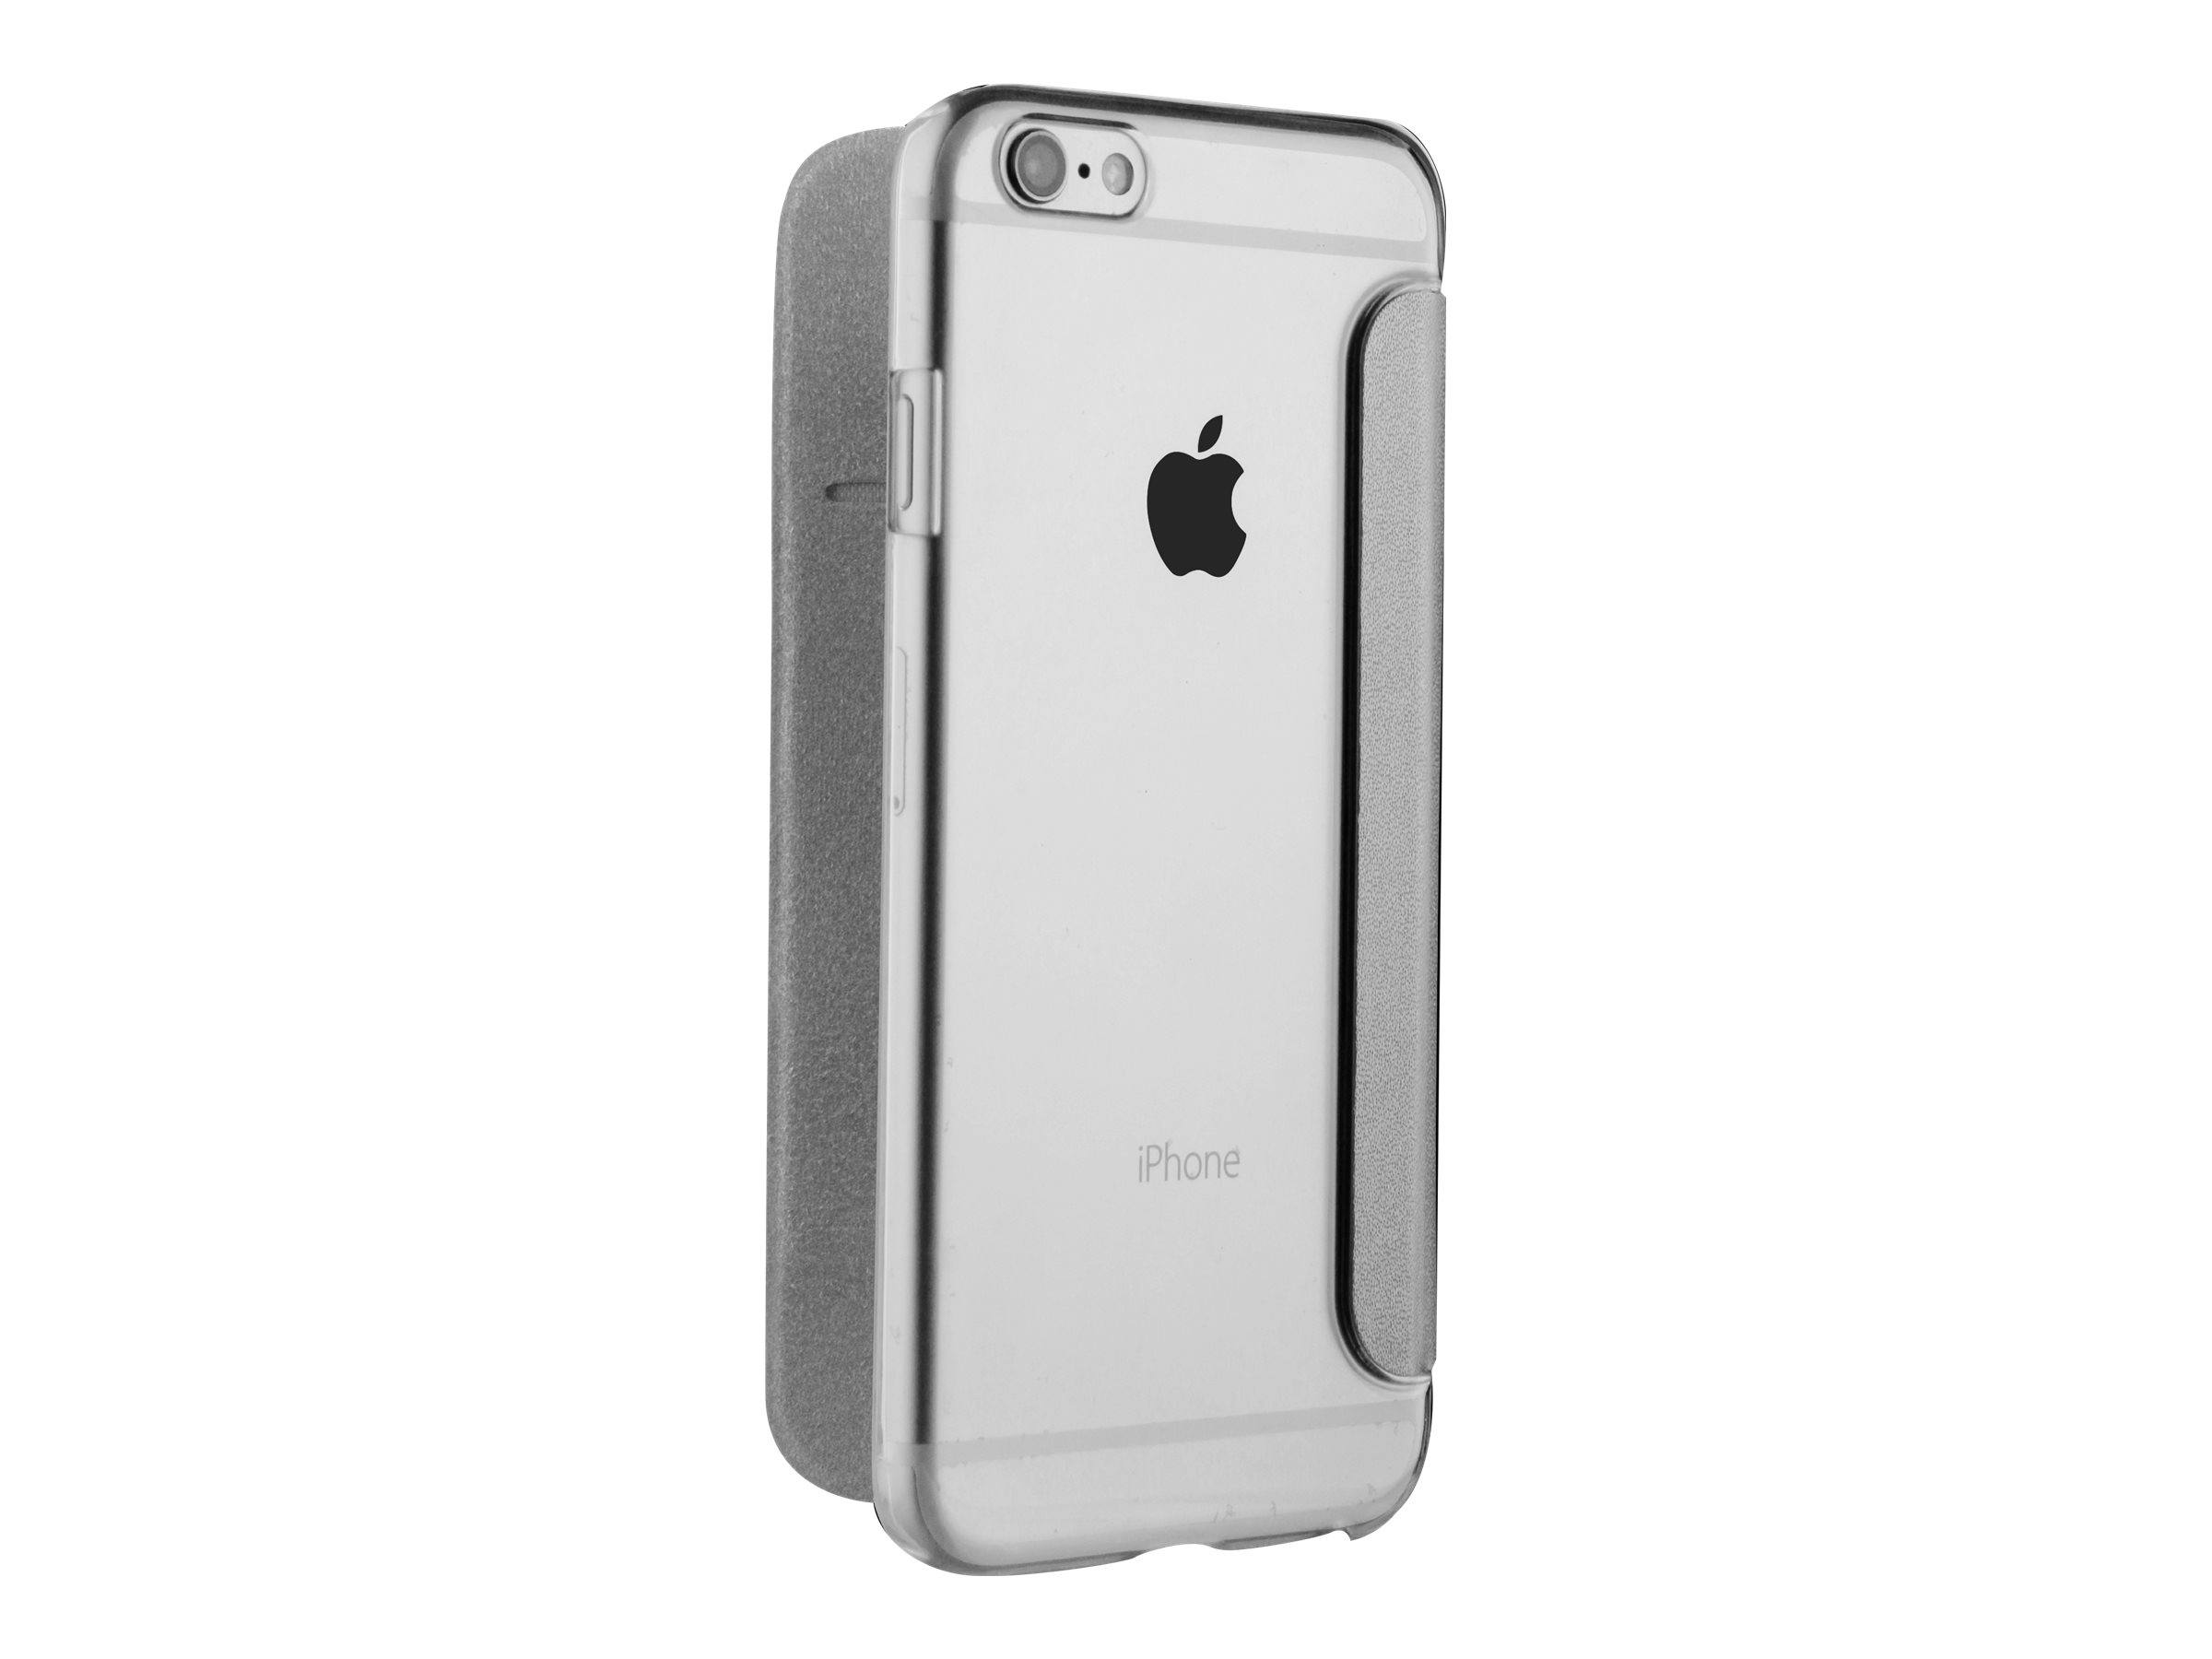 Muvit Folio - Protection à rabat pour iPhone 7 Plus - argenté, transparent